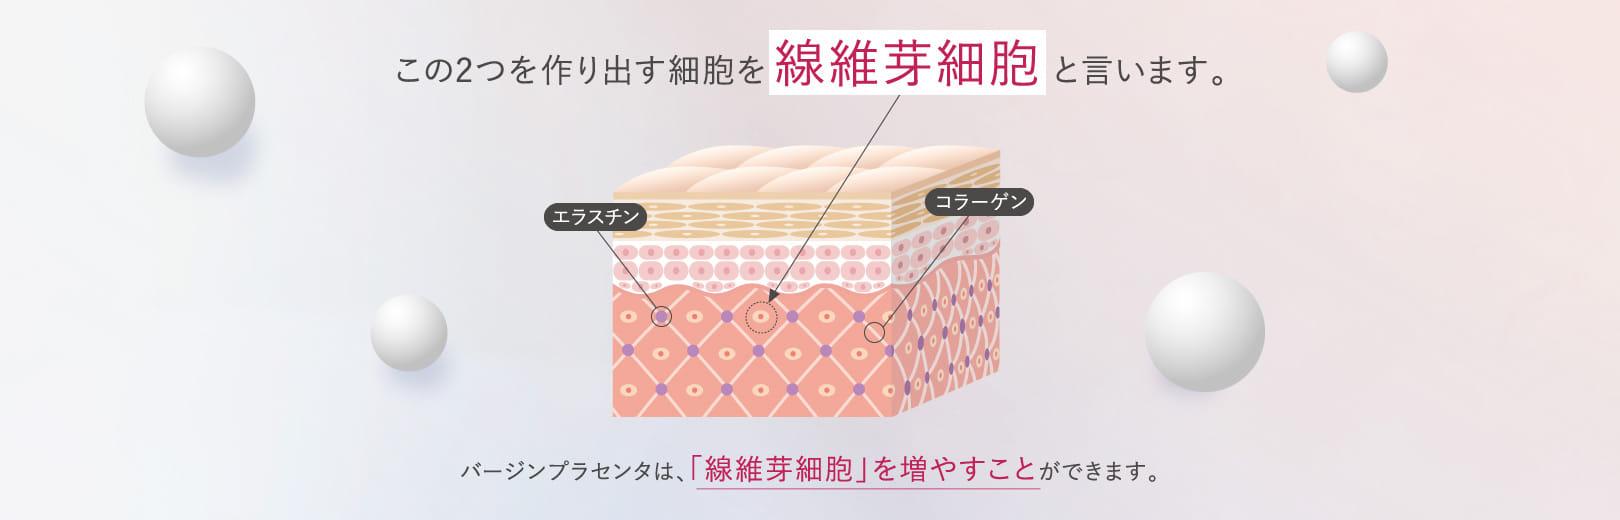 この2つを作り出す細胞を線維芽細胞 と言います。